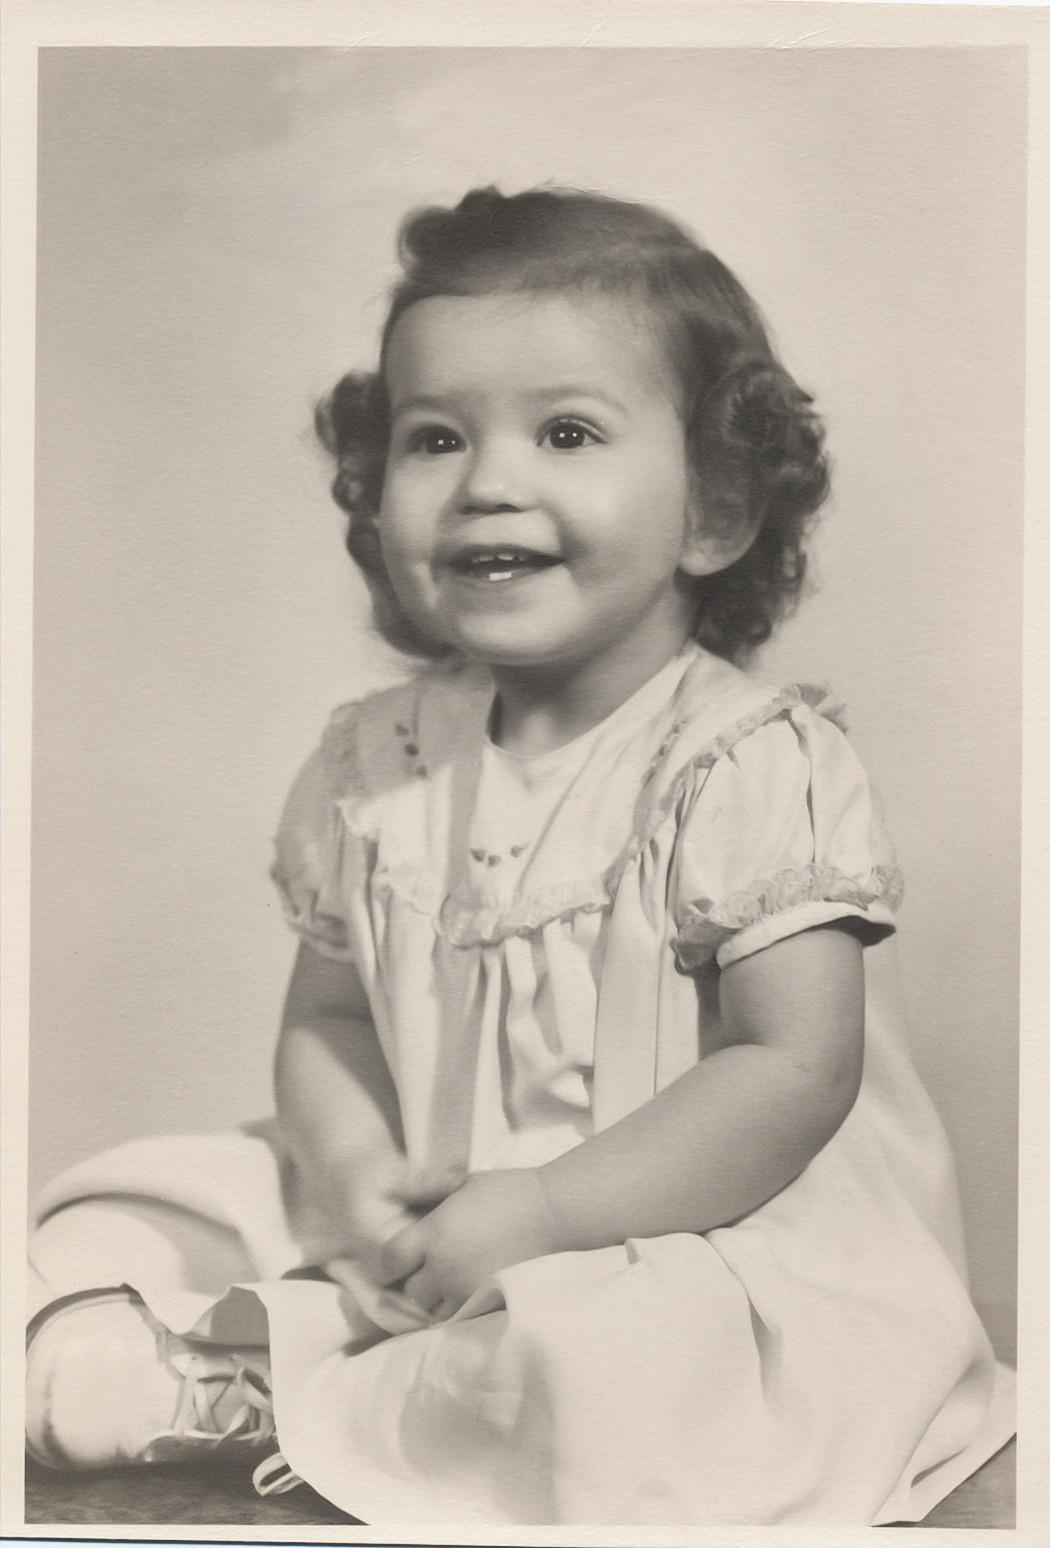 Joyce Nelson March 1952